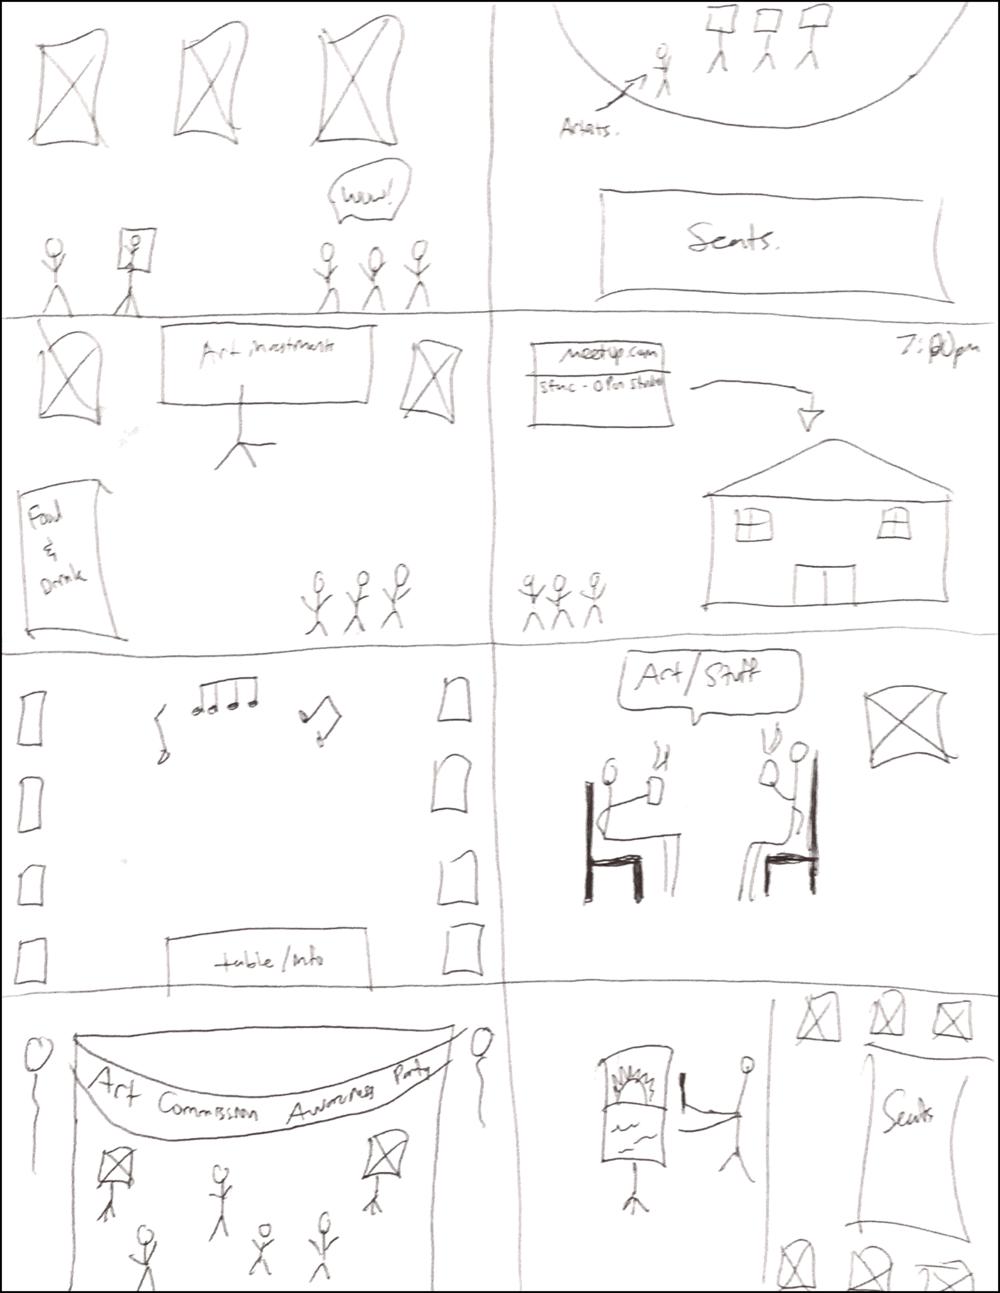 4_DesignStudioMB.png